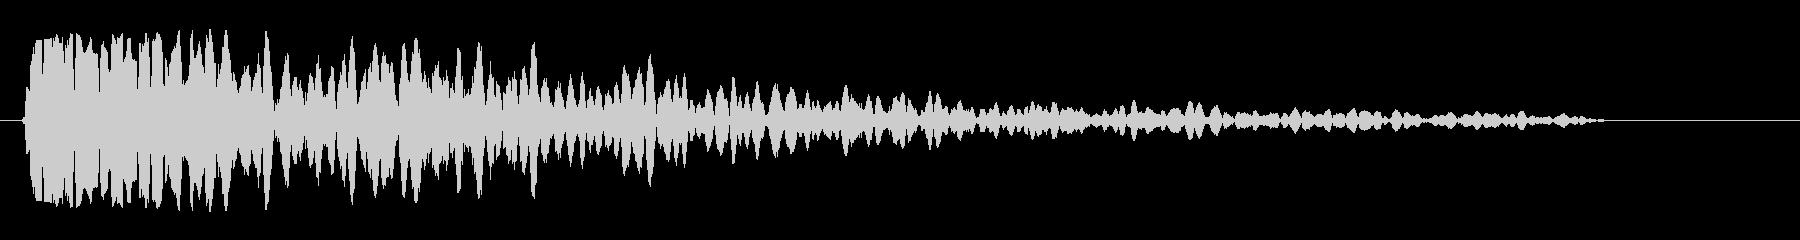 ドン(低音で深く響く音)の未再生の波形